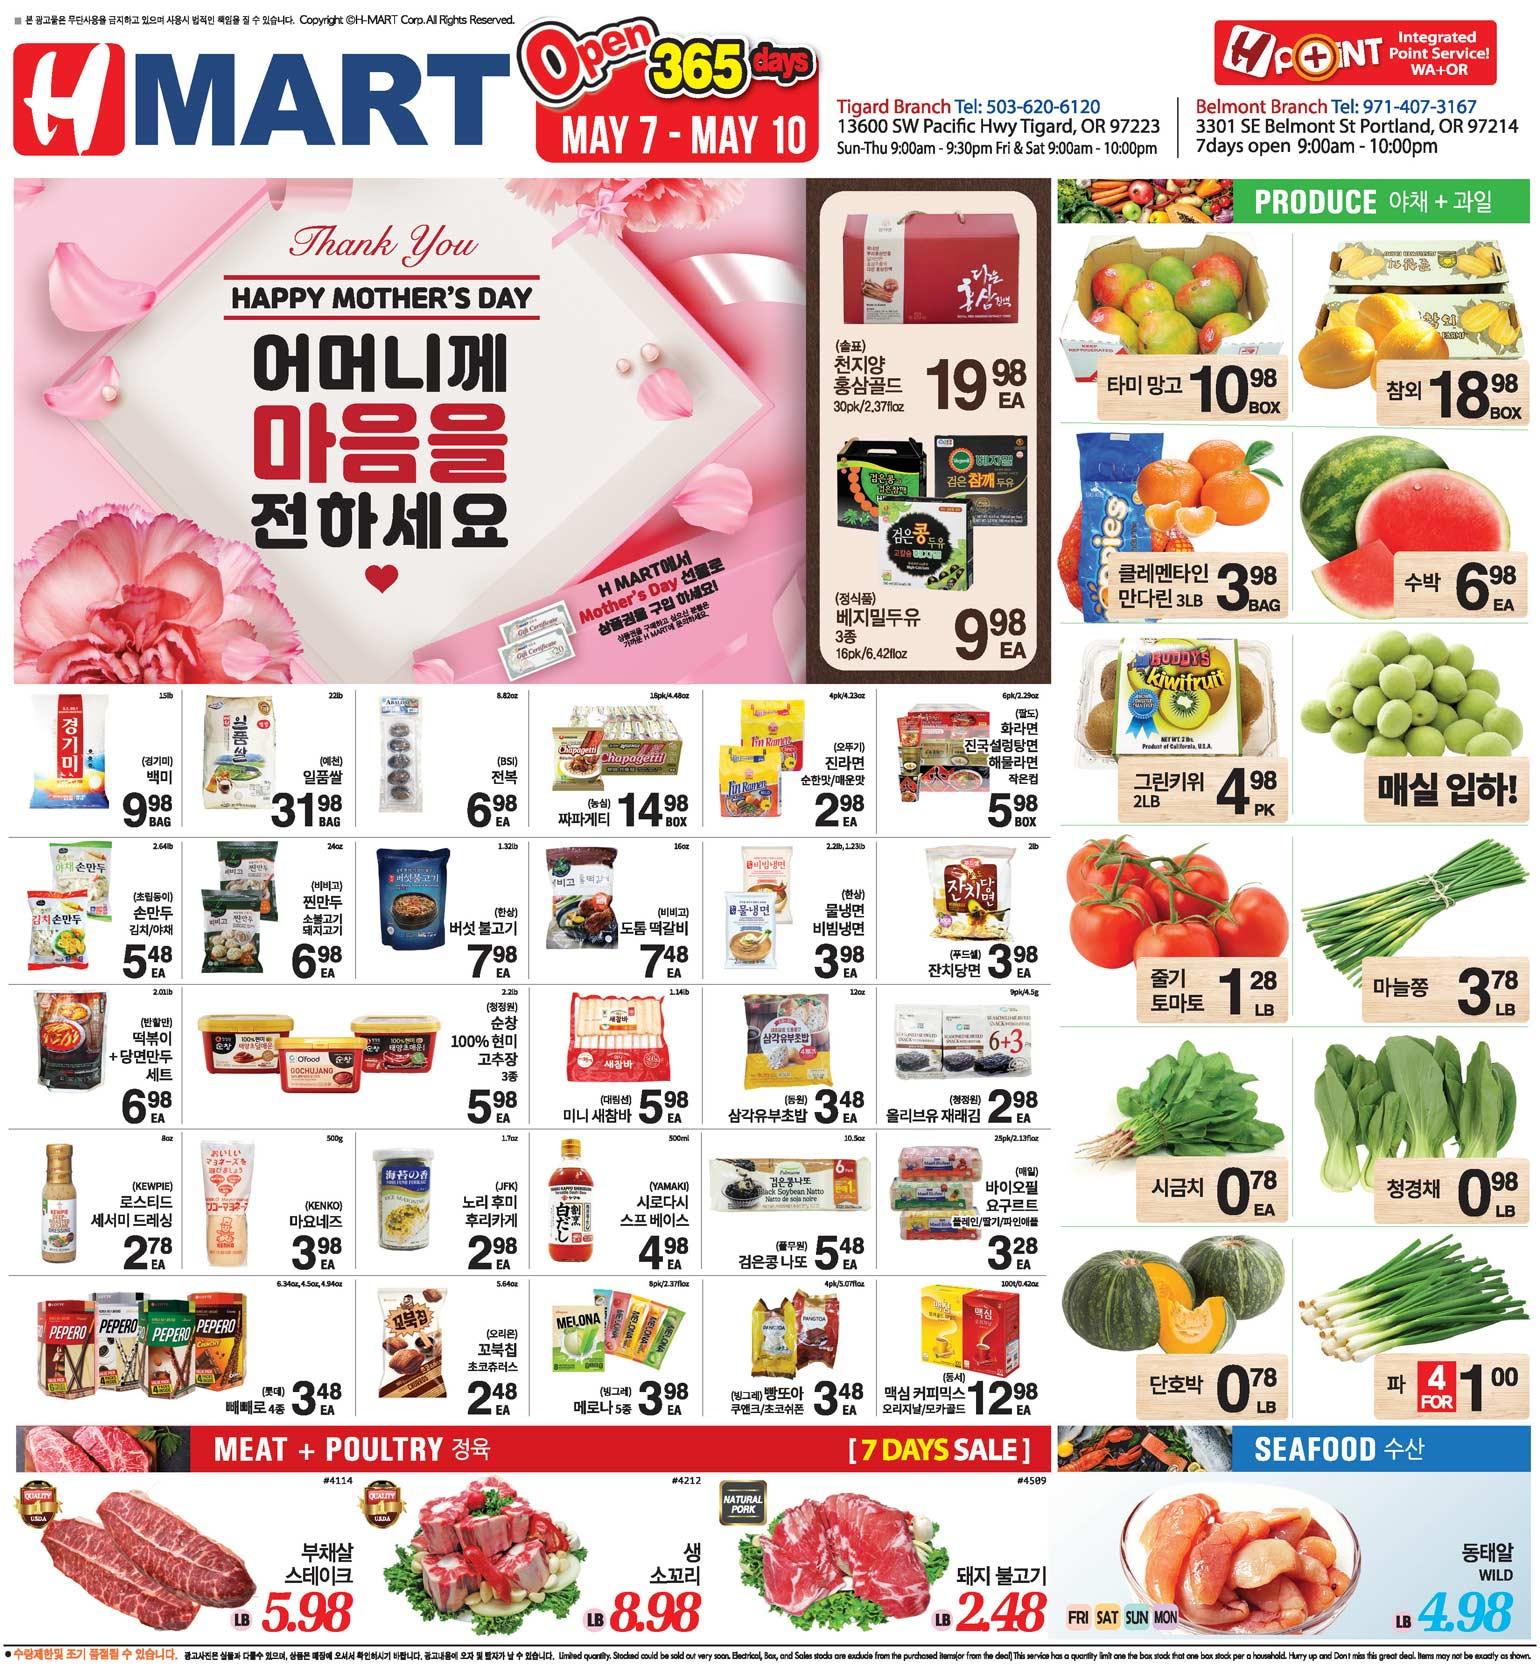 Hmart Portland Weekly Ad - Tigard 05-07-2021